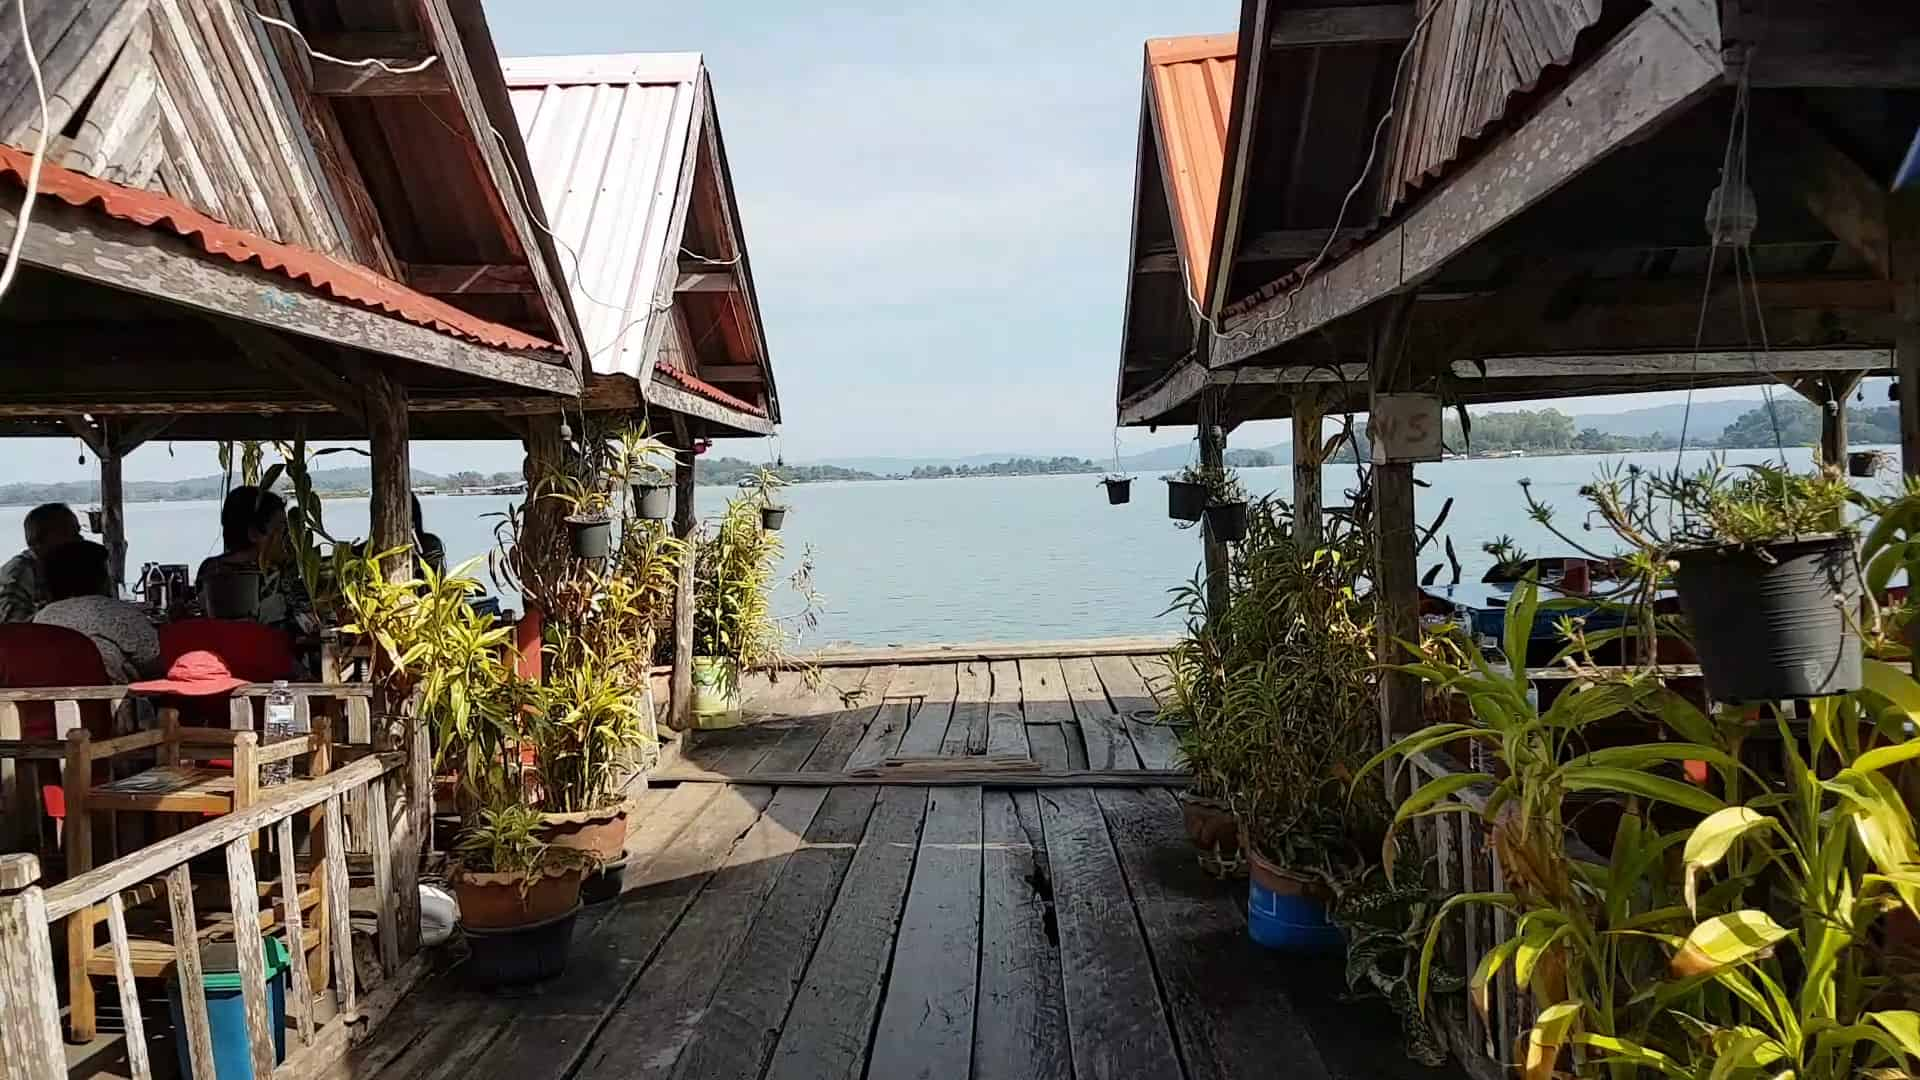 Thaïlande, un joli village de pêcheurs au bord de l'eau 🛶 5